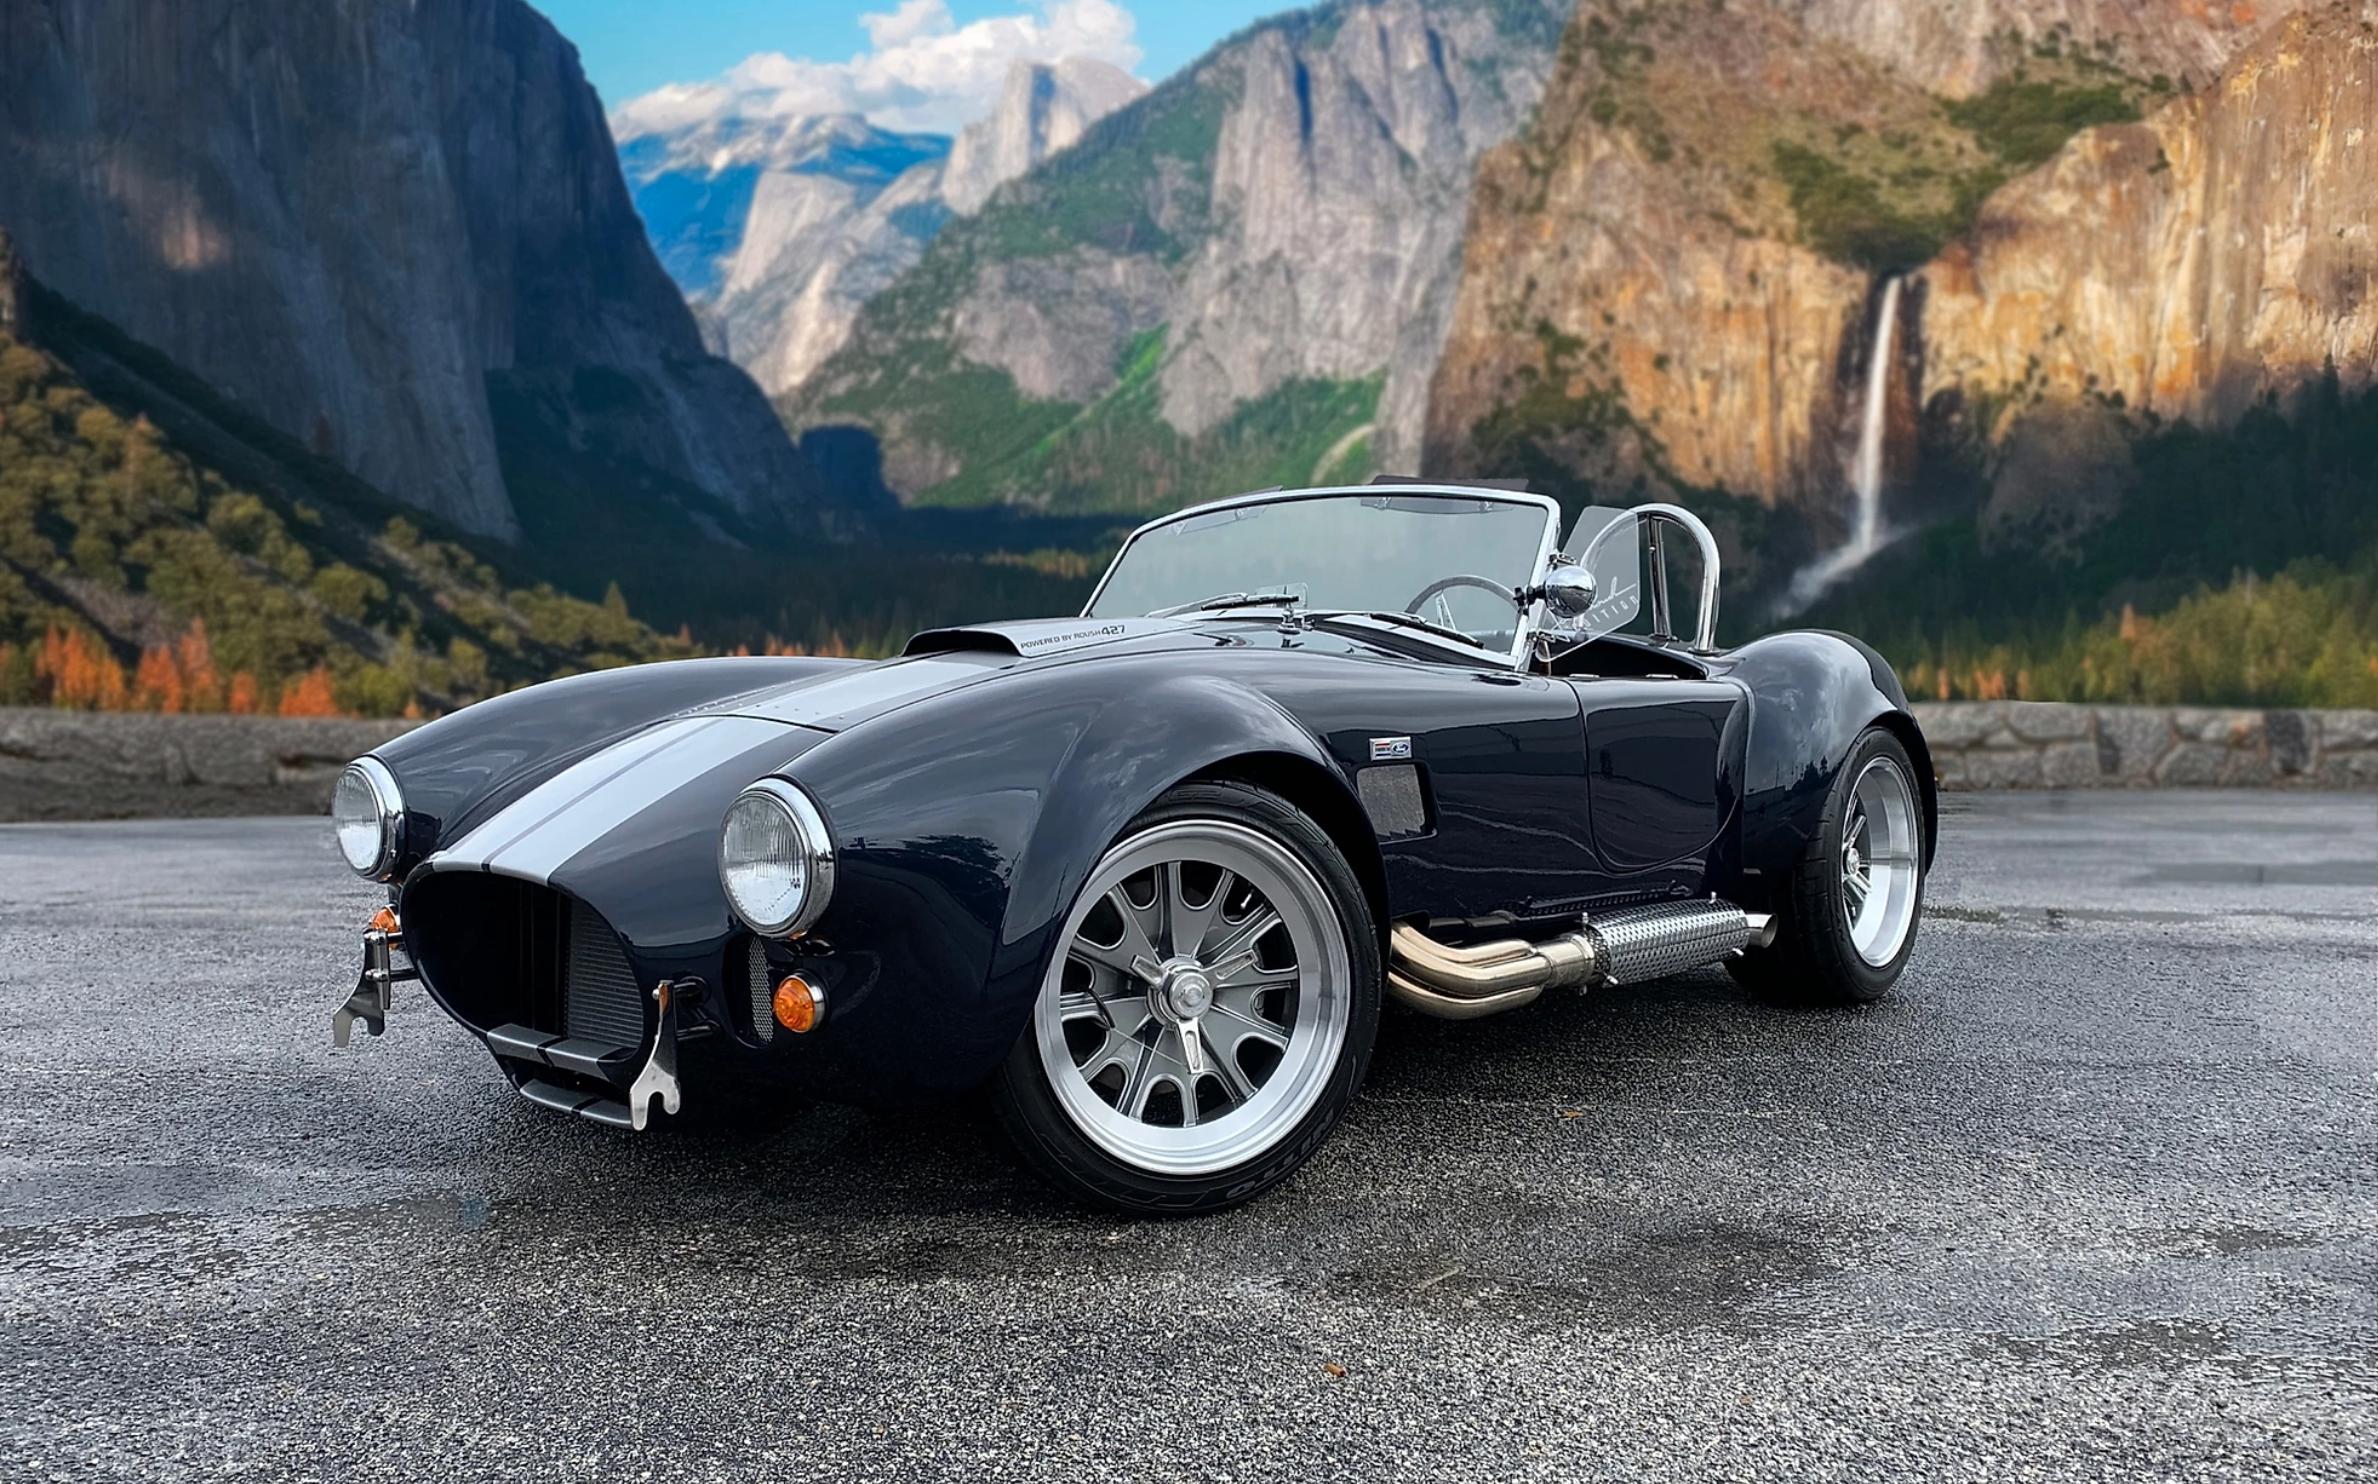 """<img src=""""backdraft-cobra.png"""" alt=""""1967 Backdraft Cobra RT4 by Backdraft Racing"""">"""